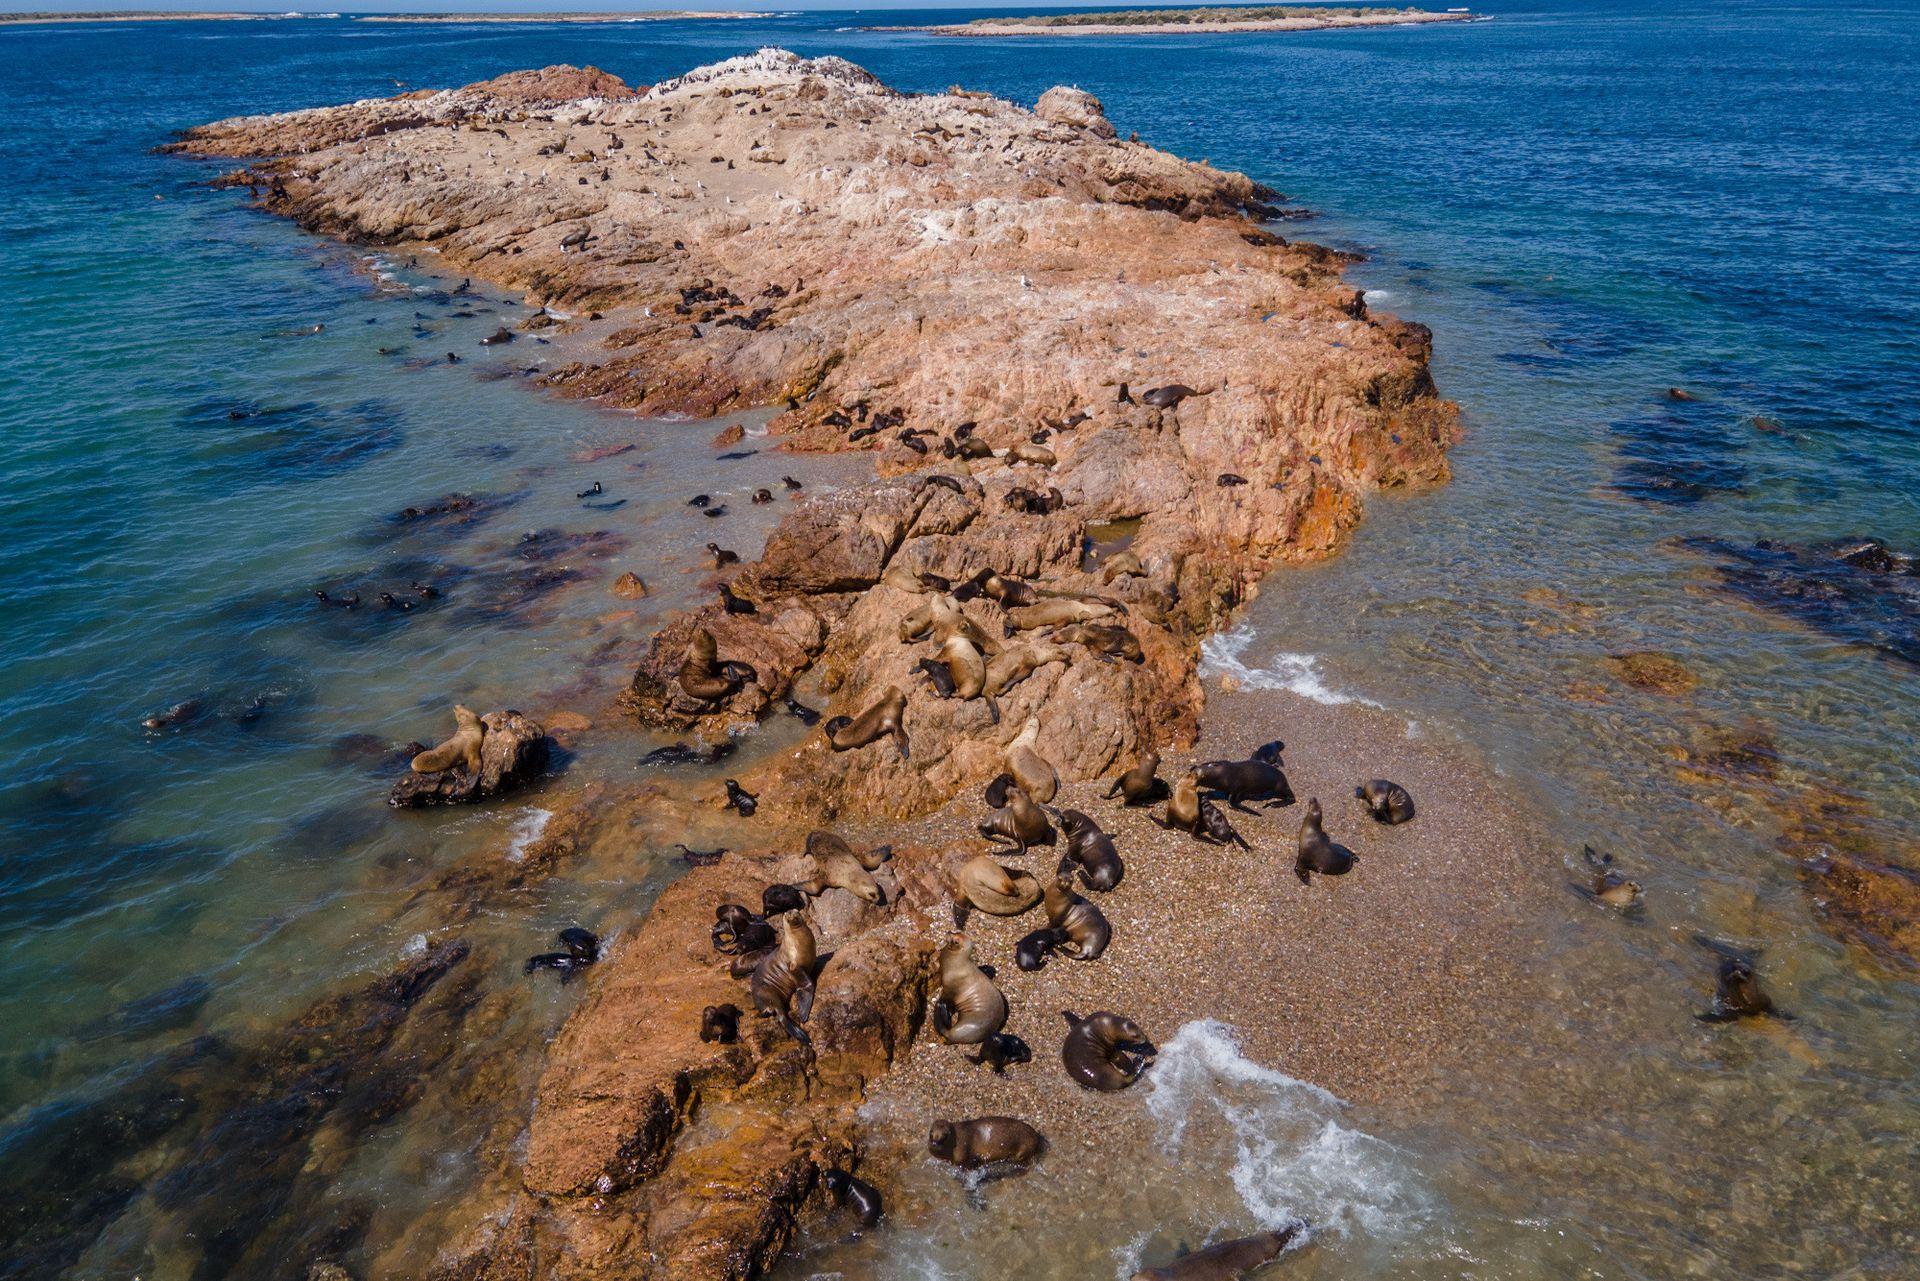 Lobos marinos en Bahia Bustamante lodge, reserva natural y hosteria en la Provincia de Chubut, ahora dedicado al turismo y conservacion de la Fauna Silvestre, la familia Soriano ocupo por primera vez el territorio con el fin de dedicarse a la produccion alguera